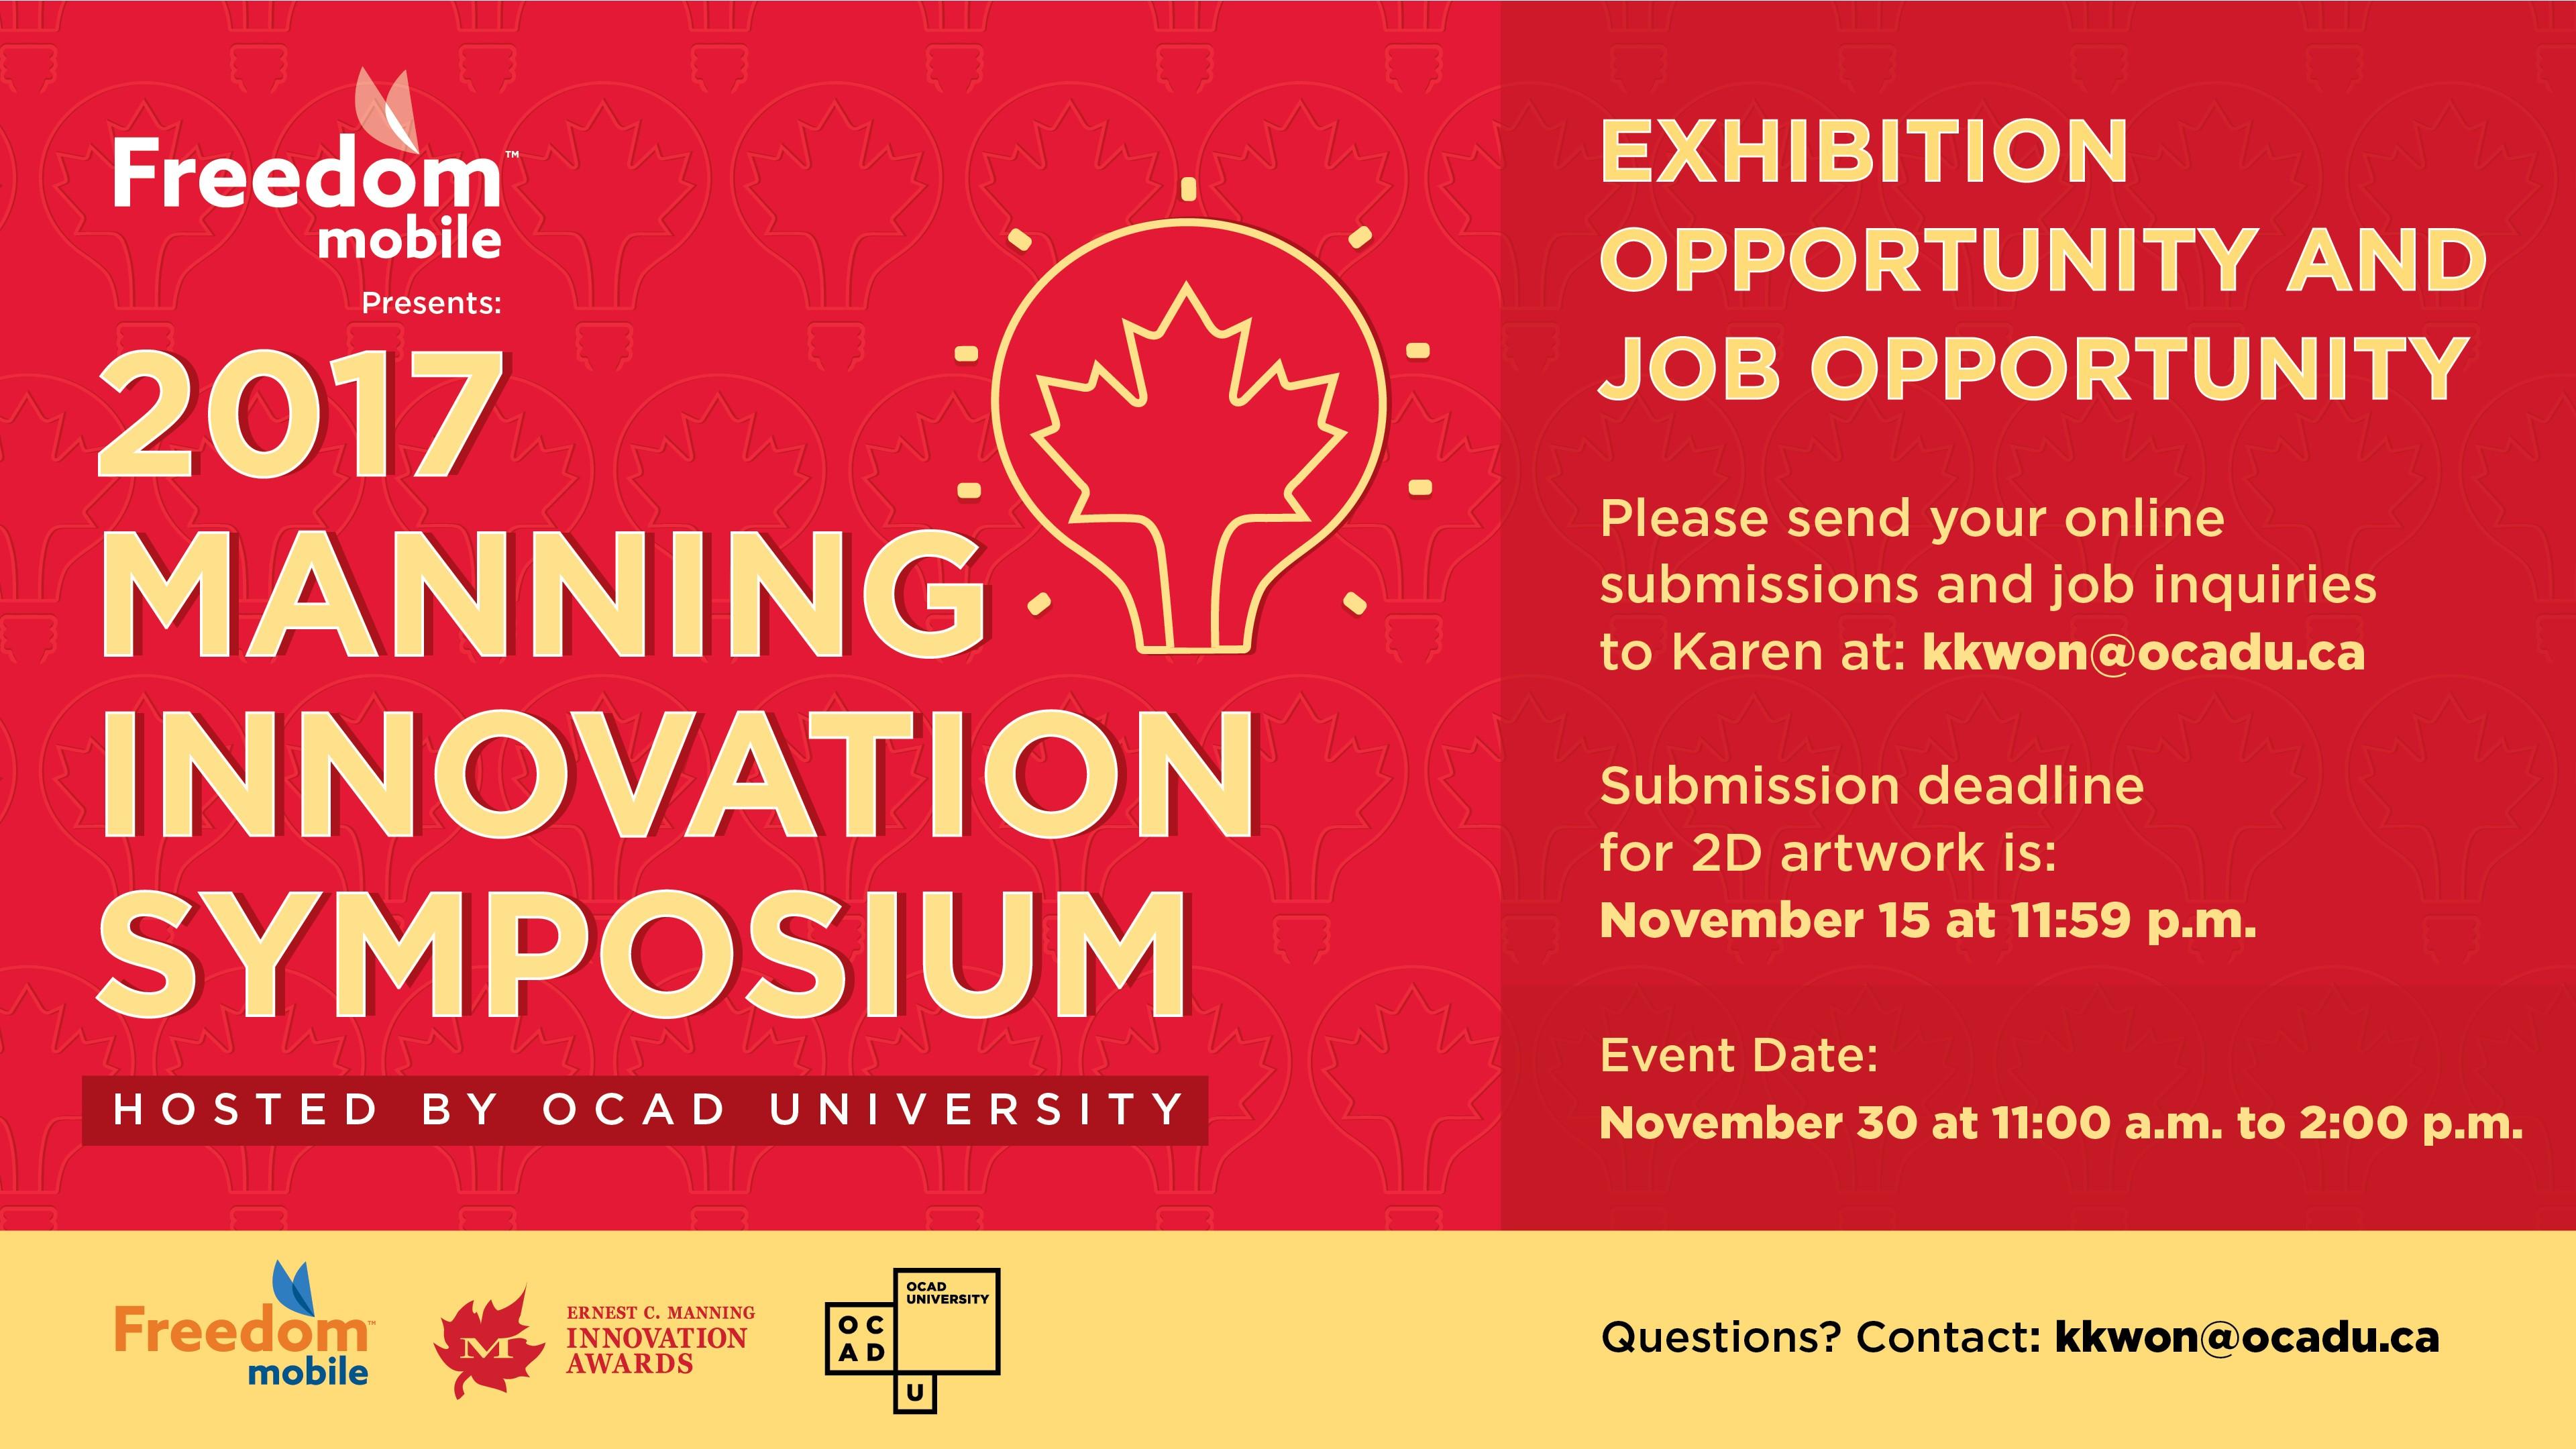 2017 Manning Innovation Symposium